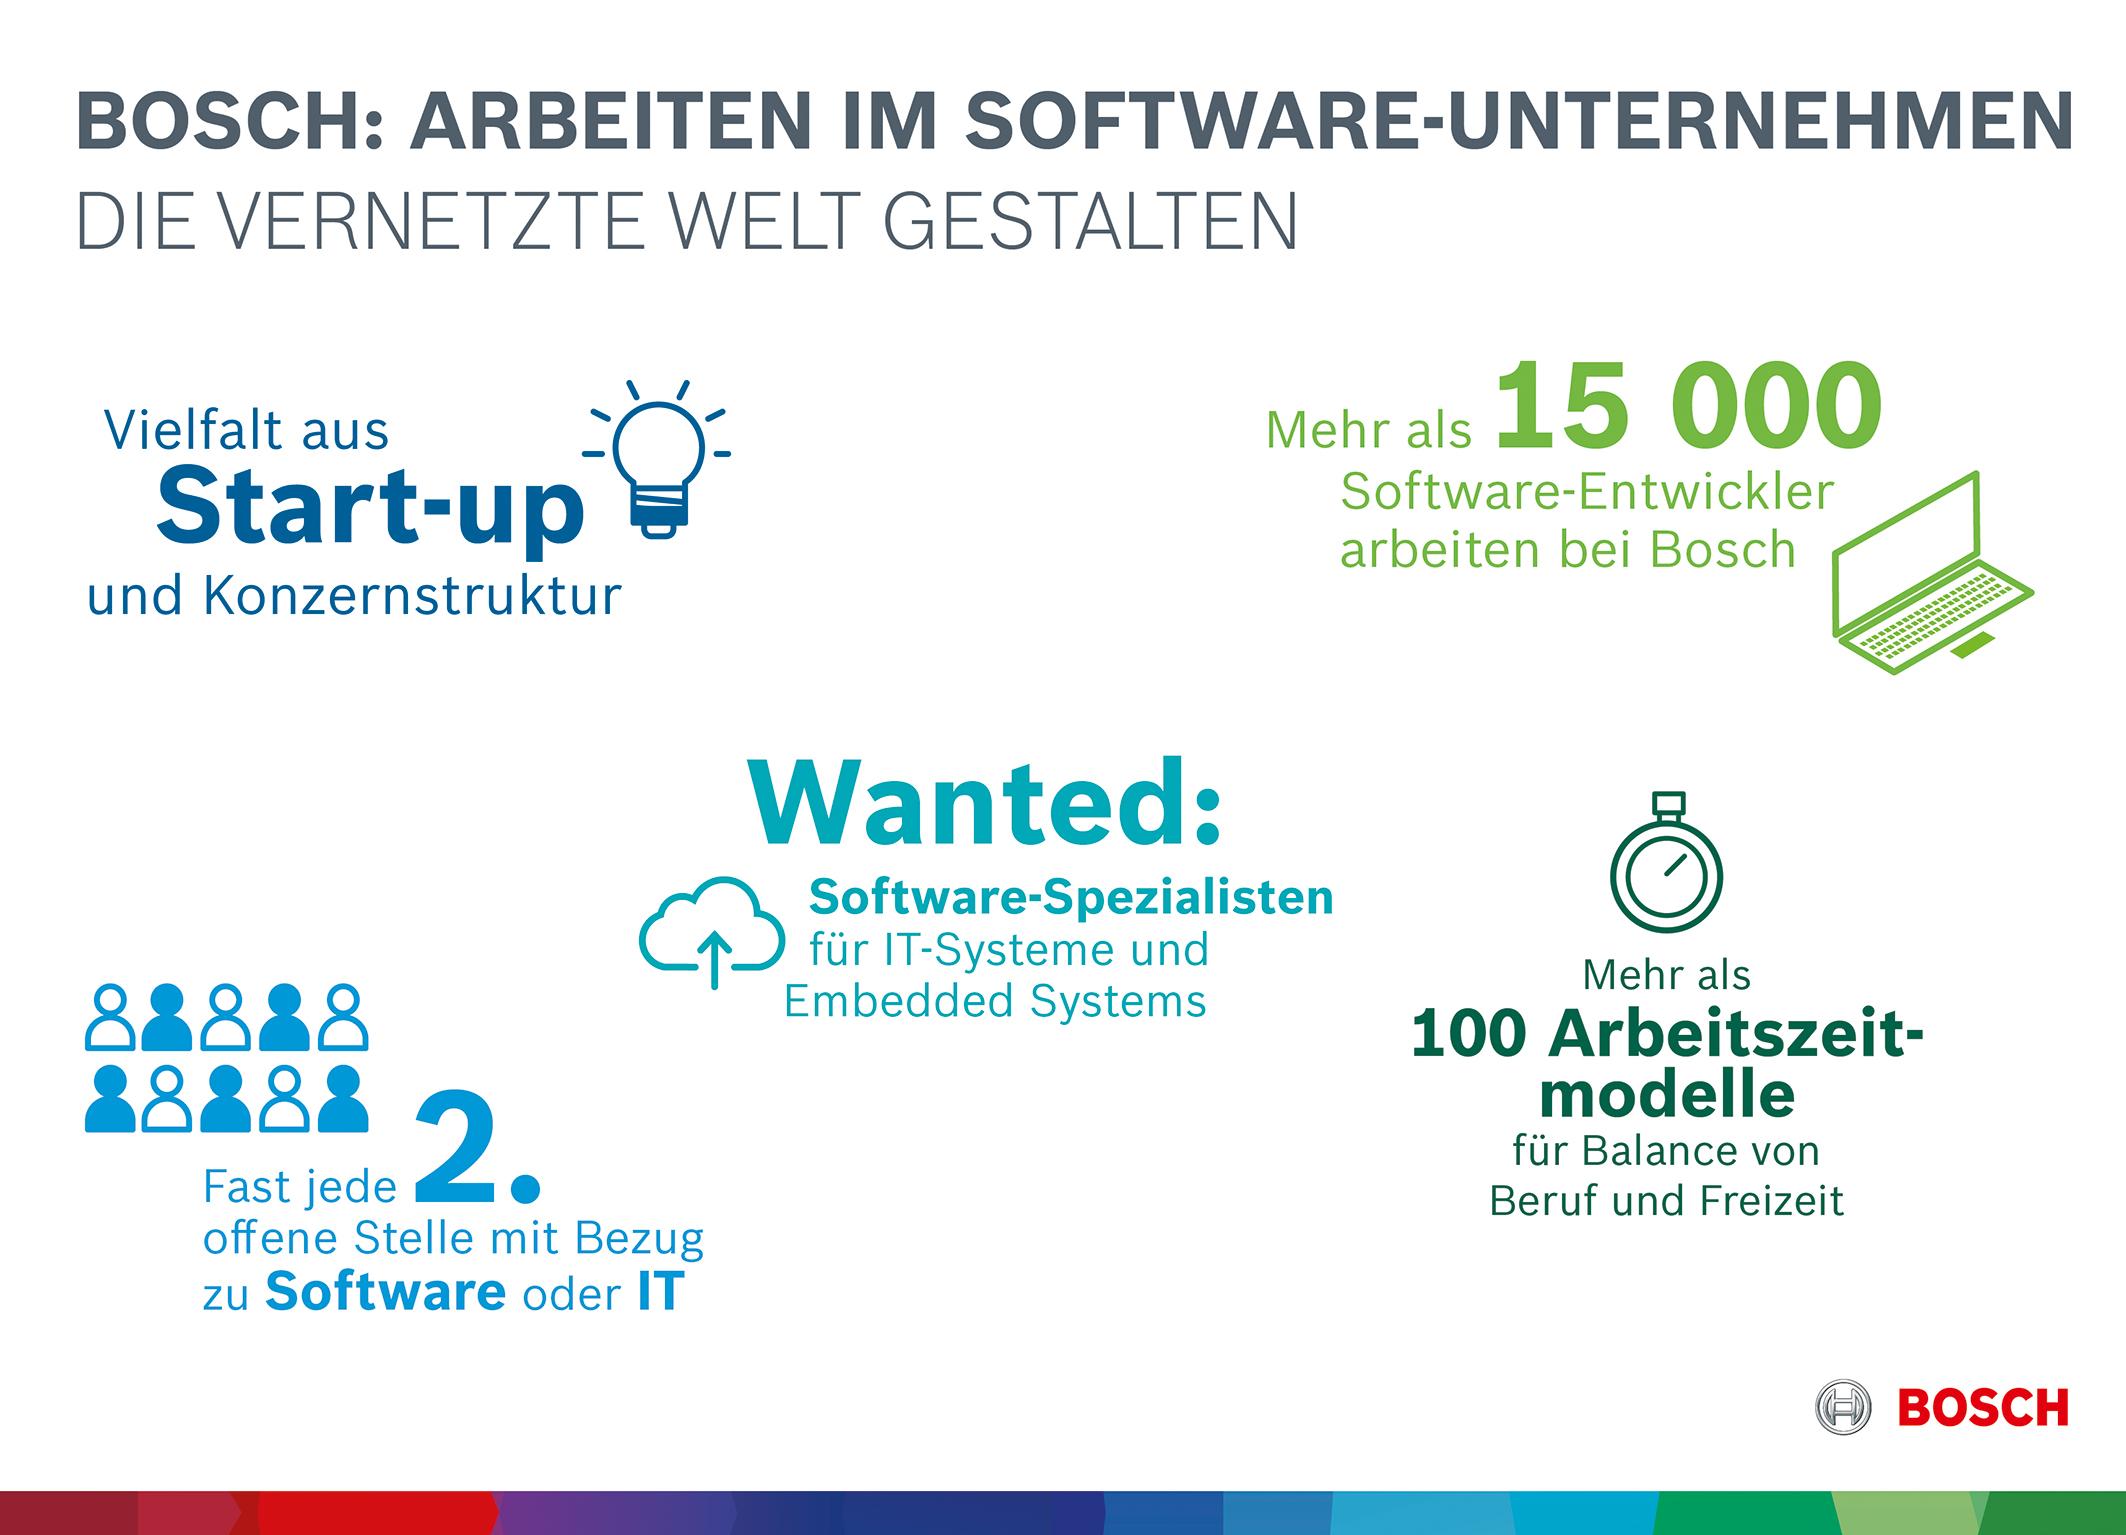 Bosch: Arbeiten im Software-Unternehmen